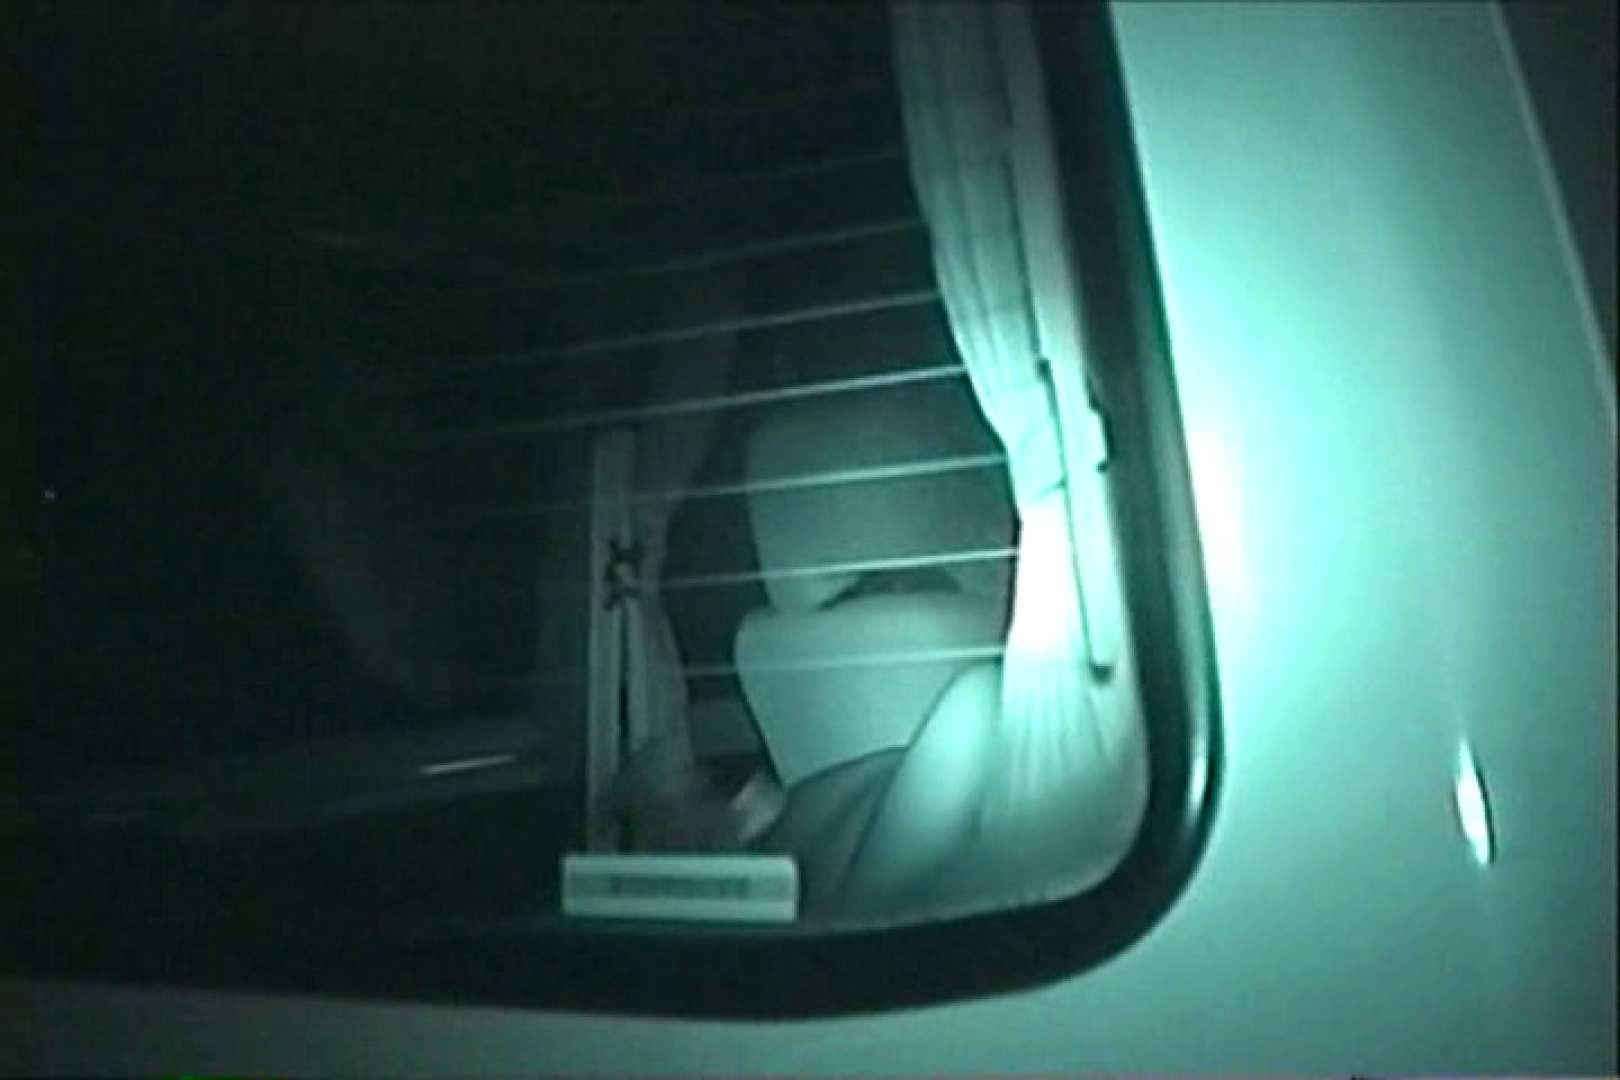 車の中はラブホテル 無修正版  Vol.28 ホテル のぞき動画キャプチャ 99pic 46